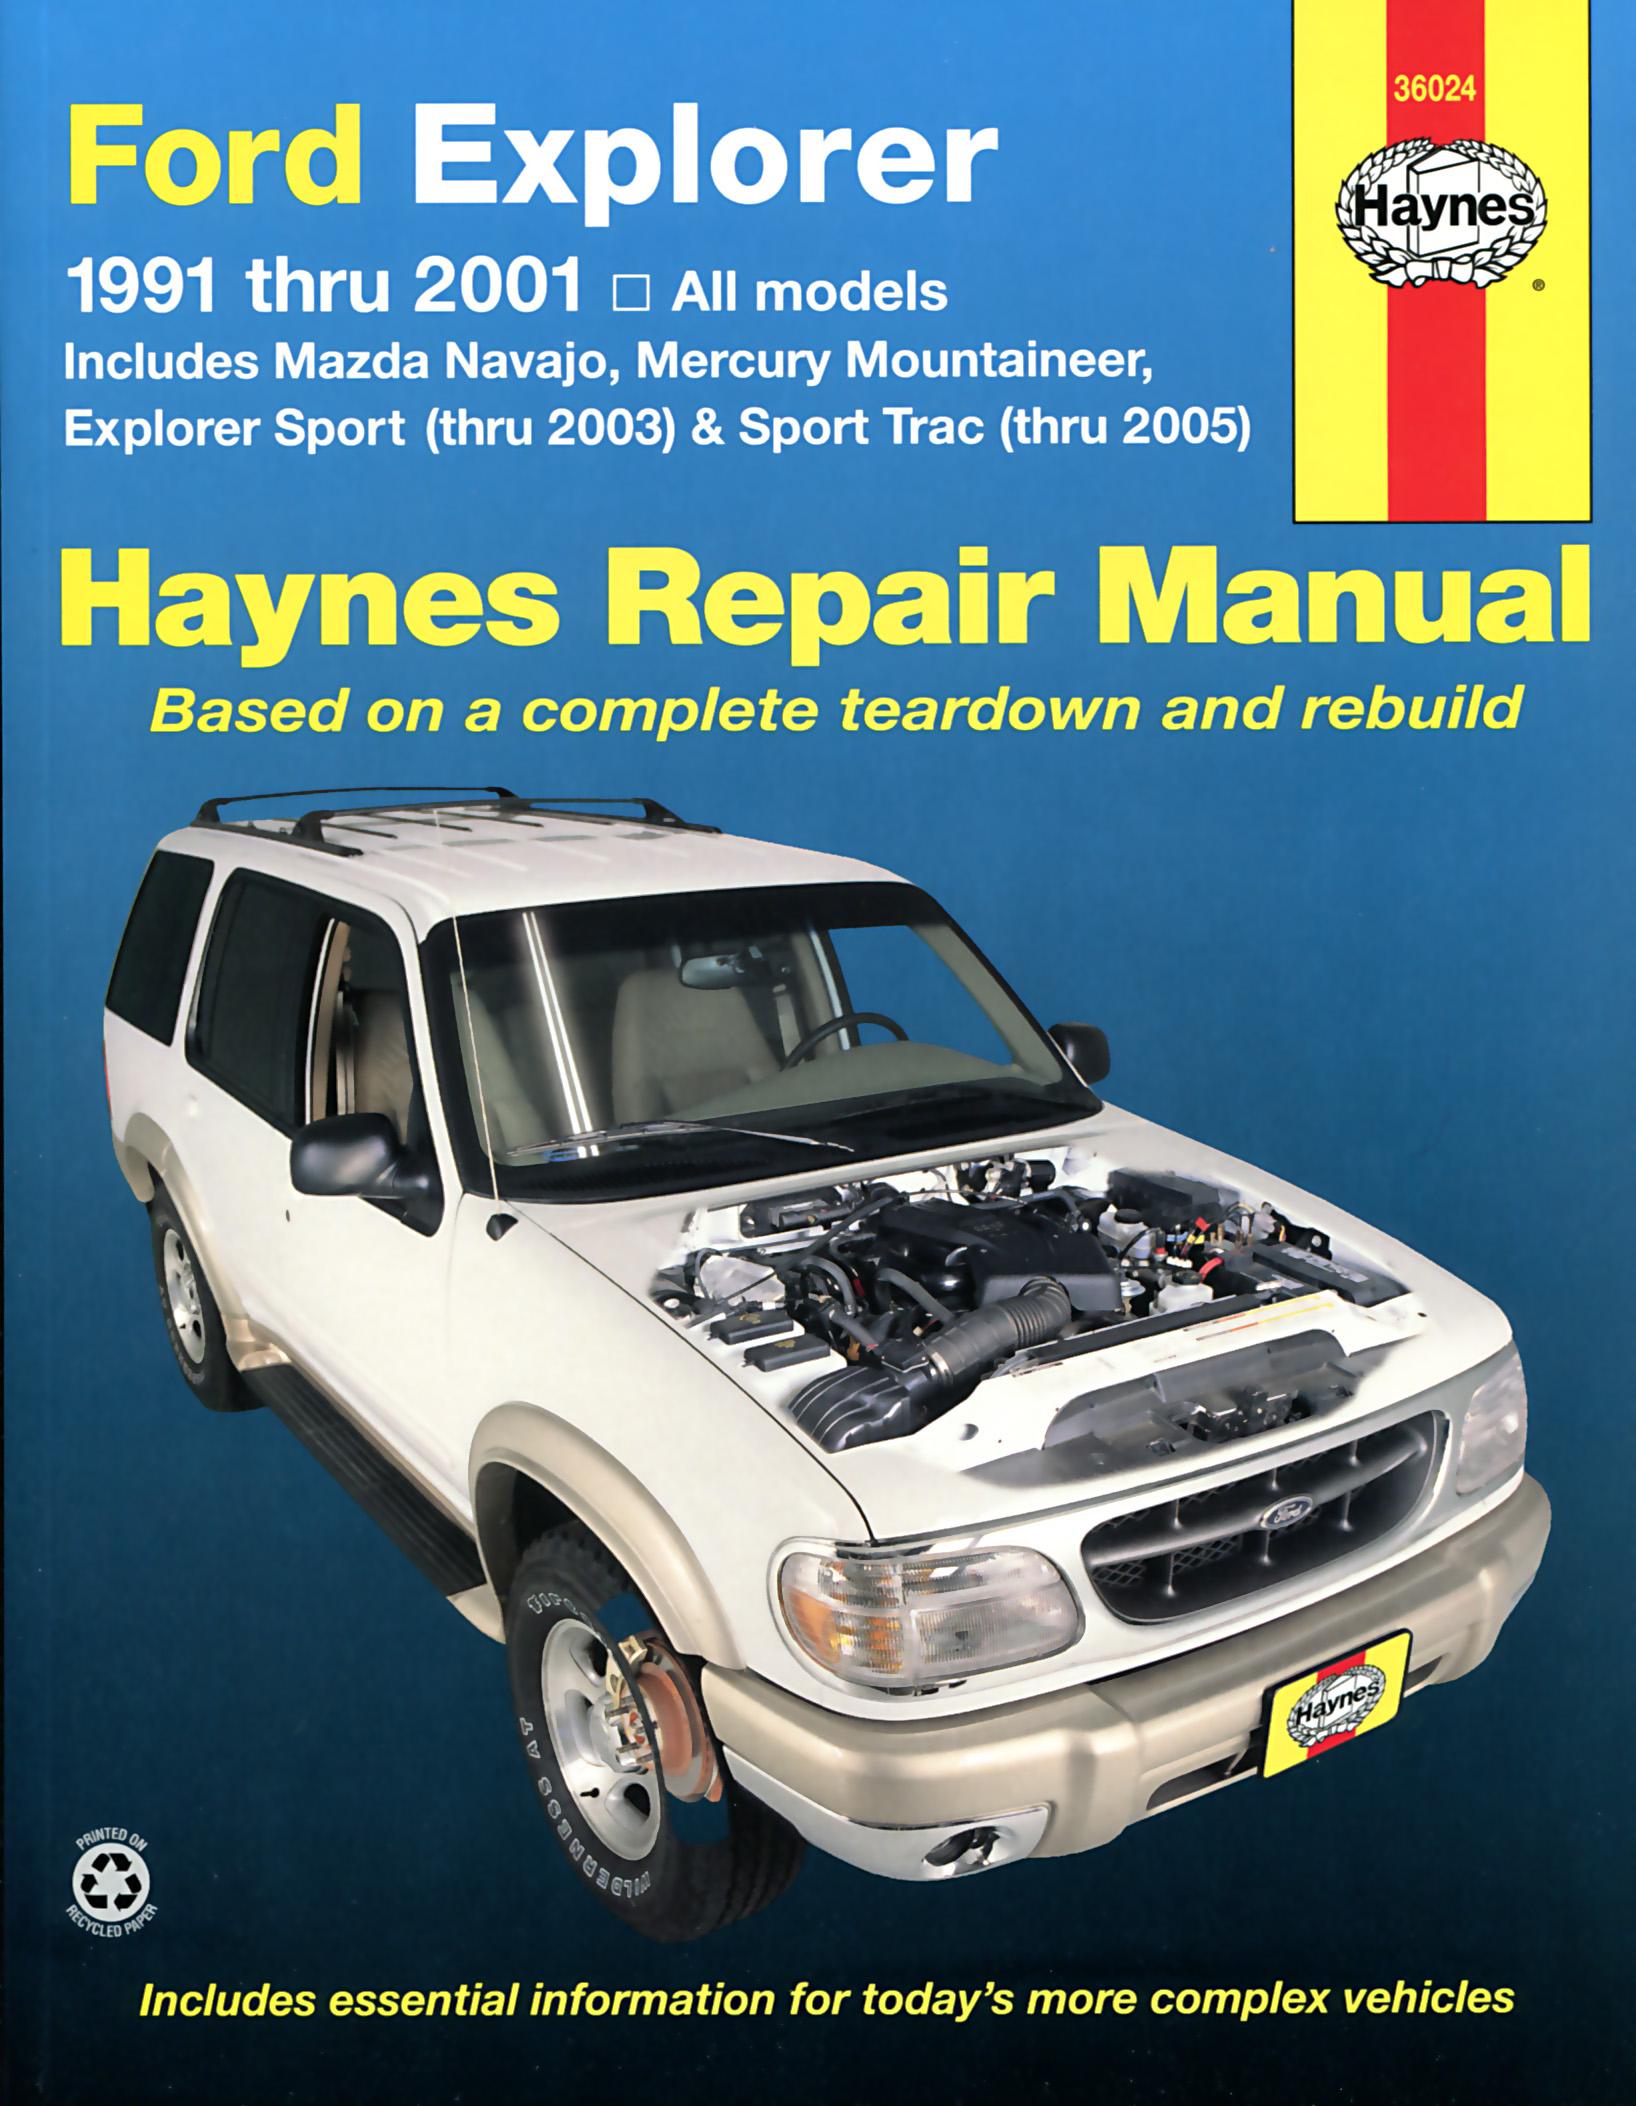 2001 explorer sport trac fuel filter explorer sport trac haynes manuals  explorer sport trac haynes manuals